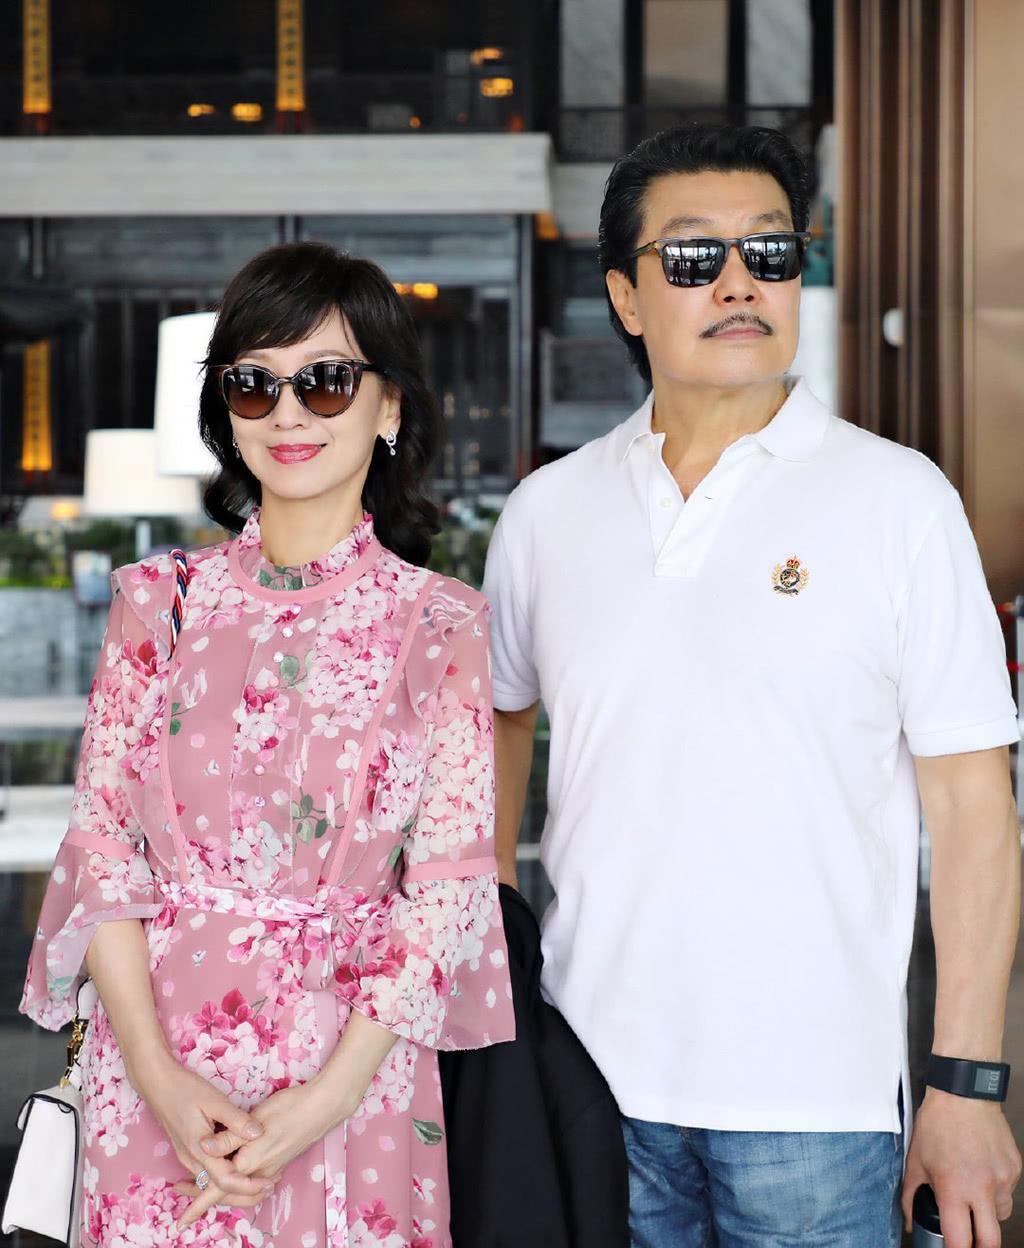 赵雅芝机场打扮时髦,65岁美成了神话,与丈夫拖手秀恩爱!